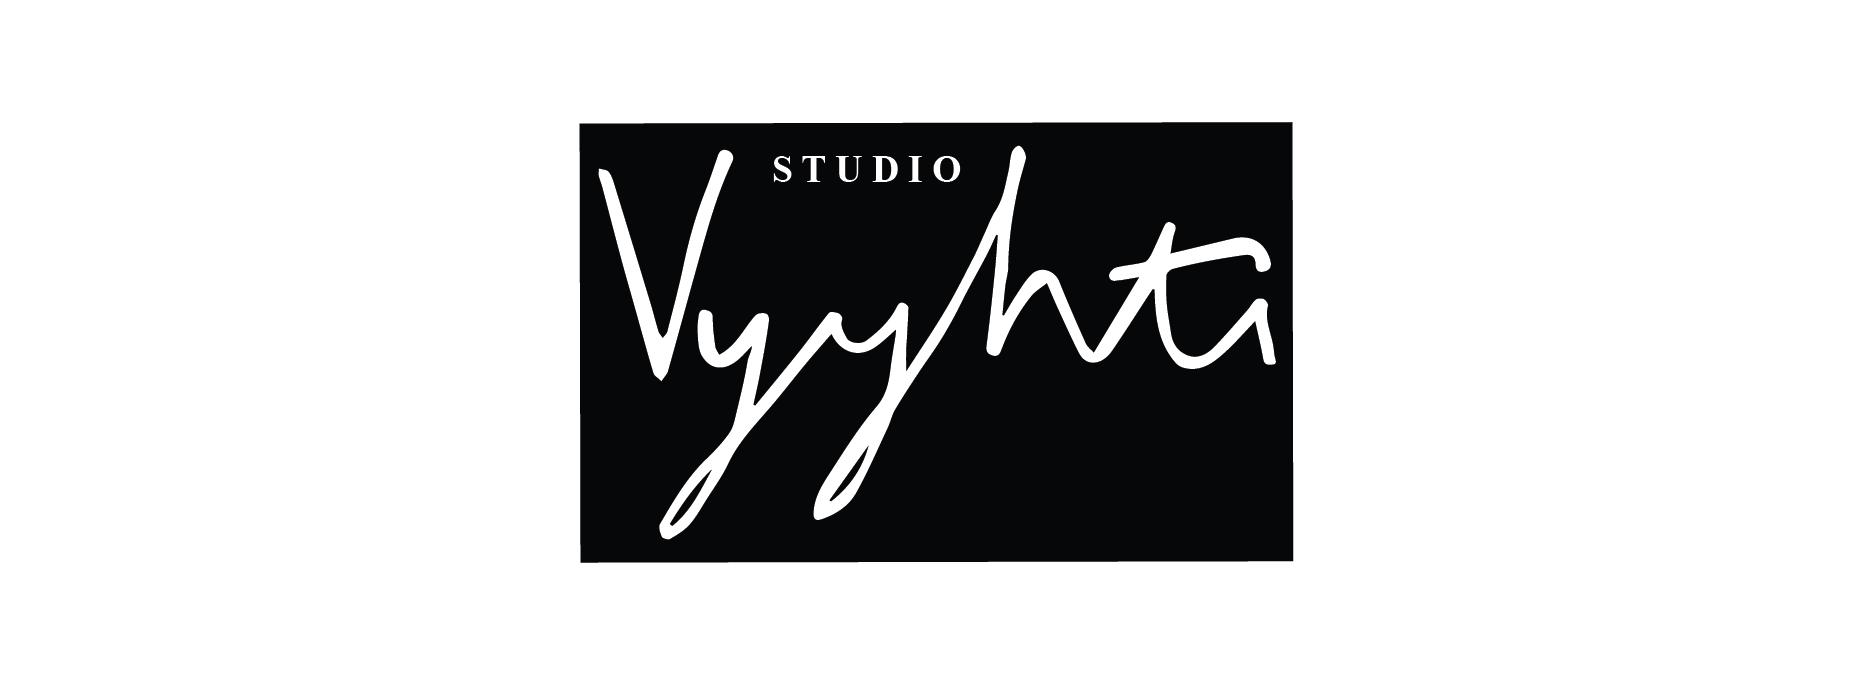 Studio Vyyhdin logo